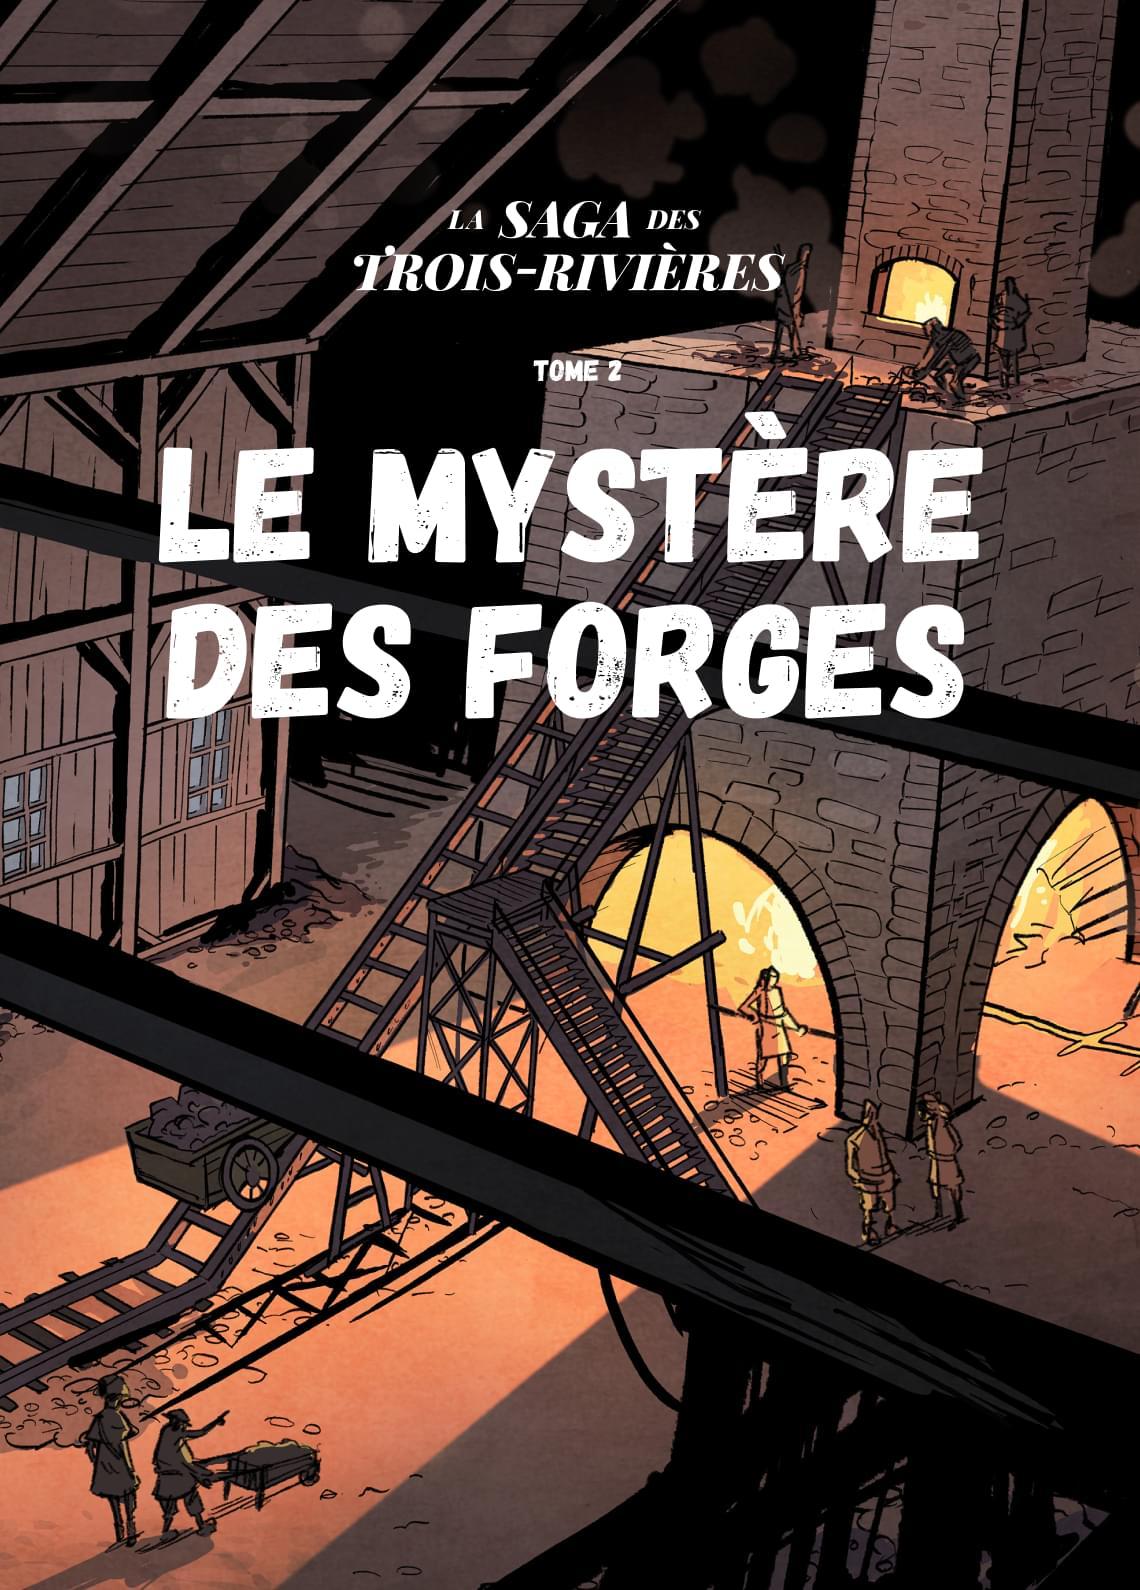 Le mystère des forges - Tome 2